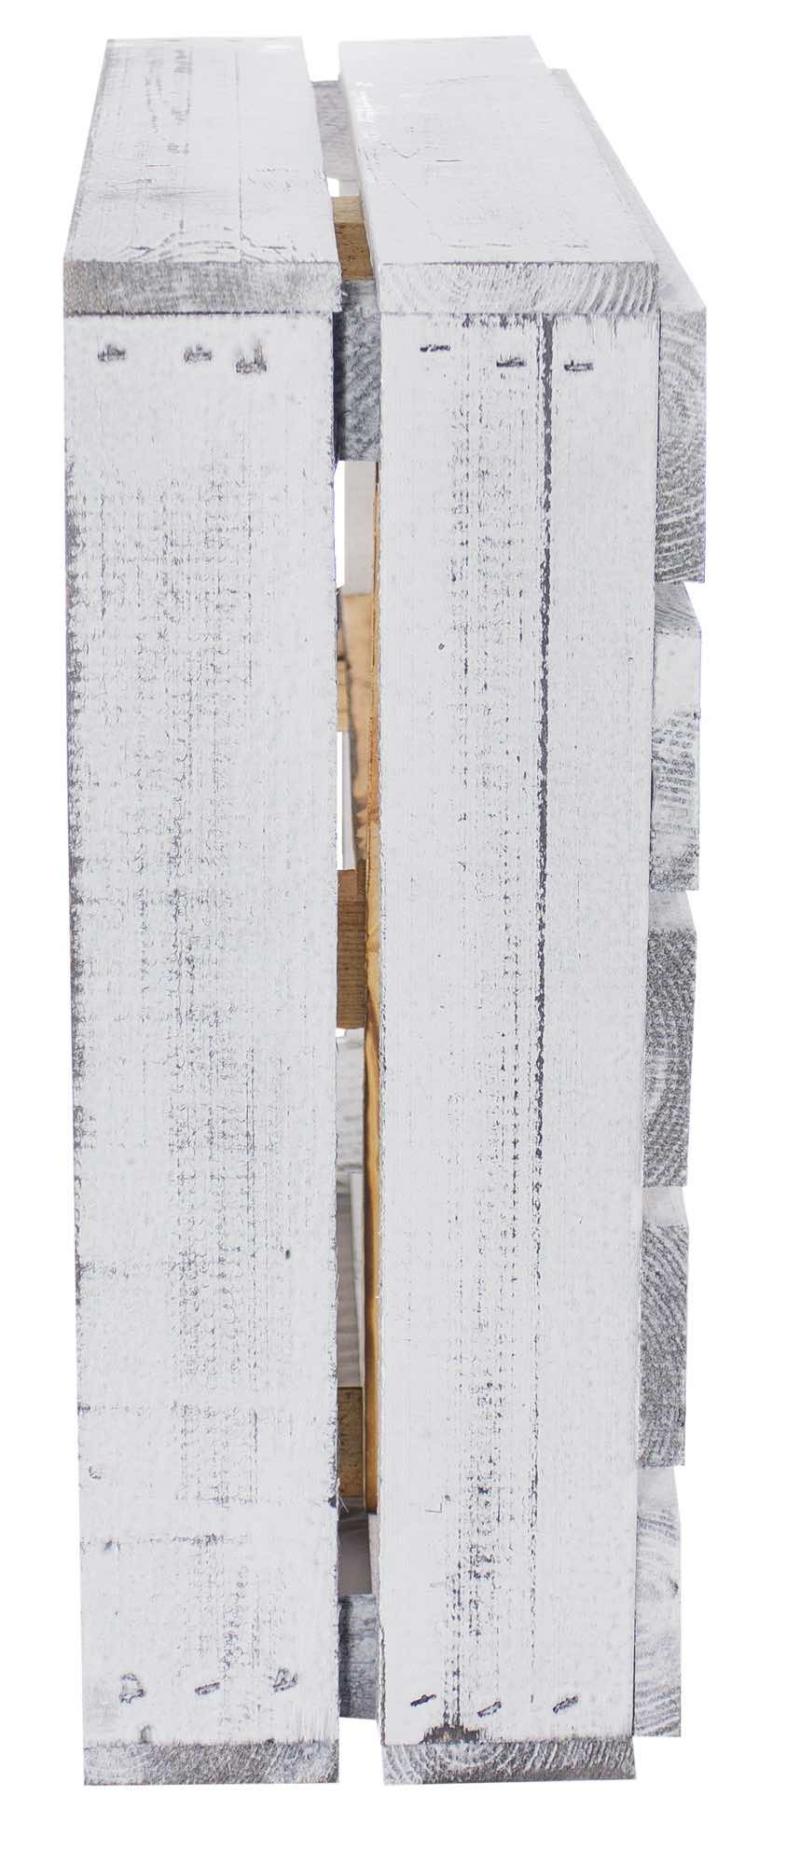 Flache Regalkiste mit 3 Faechern Shabby white geflammt Holzkisten Moebel